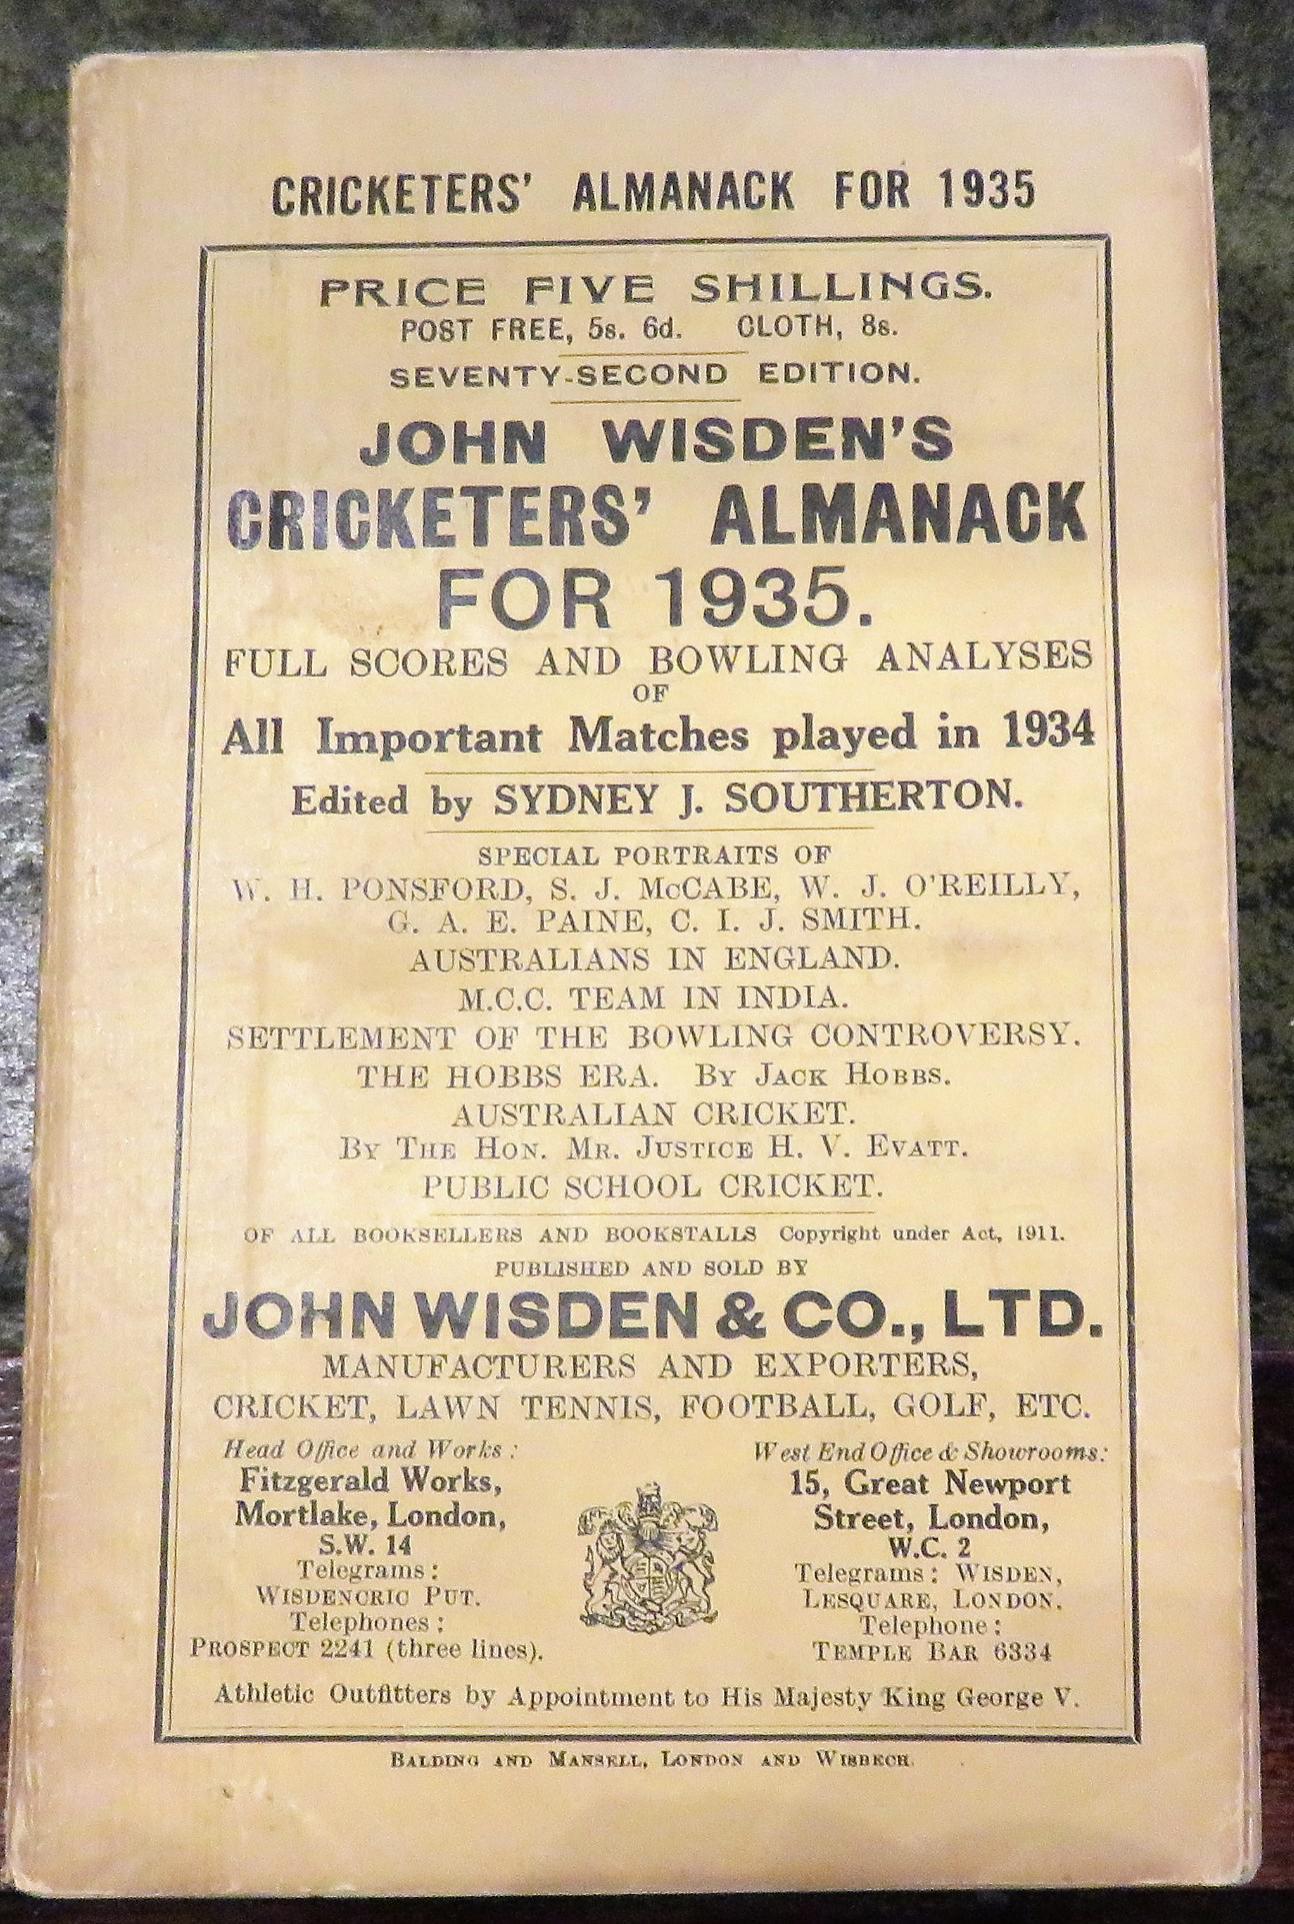 **John Wisden's Cricketers' Almanack For 1935